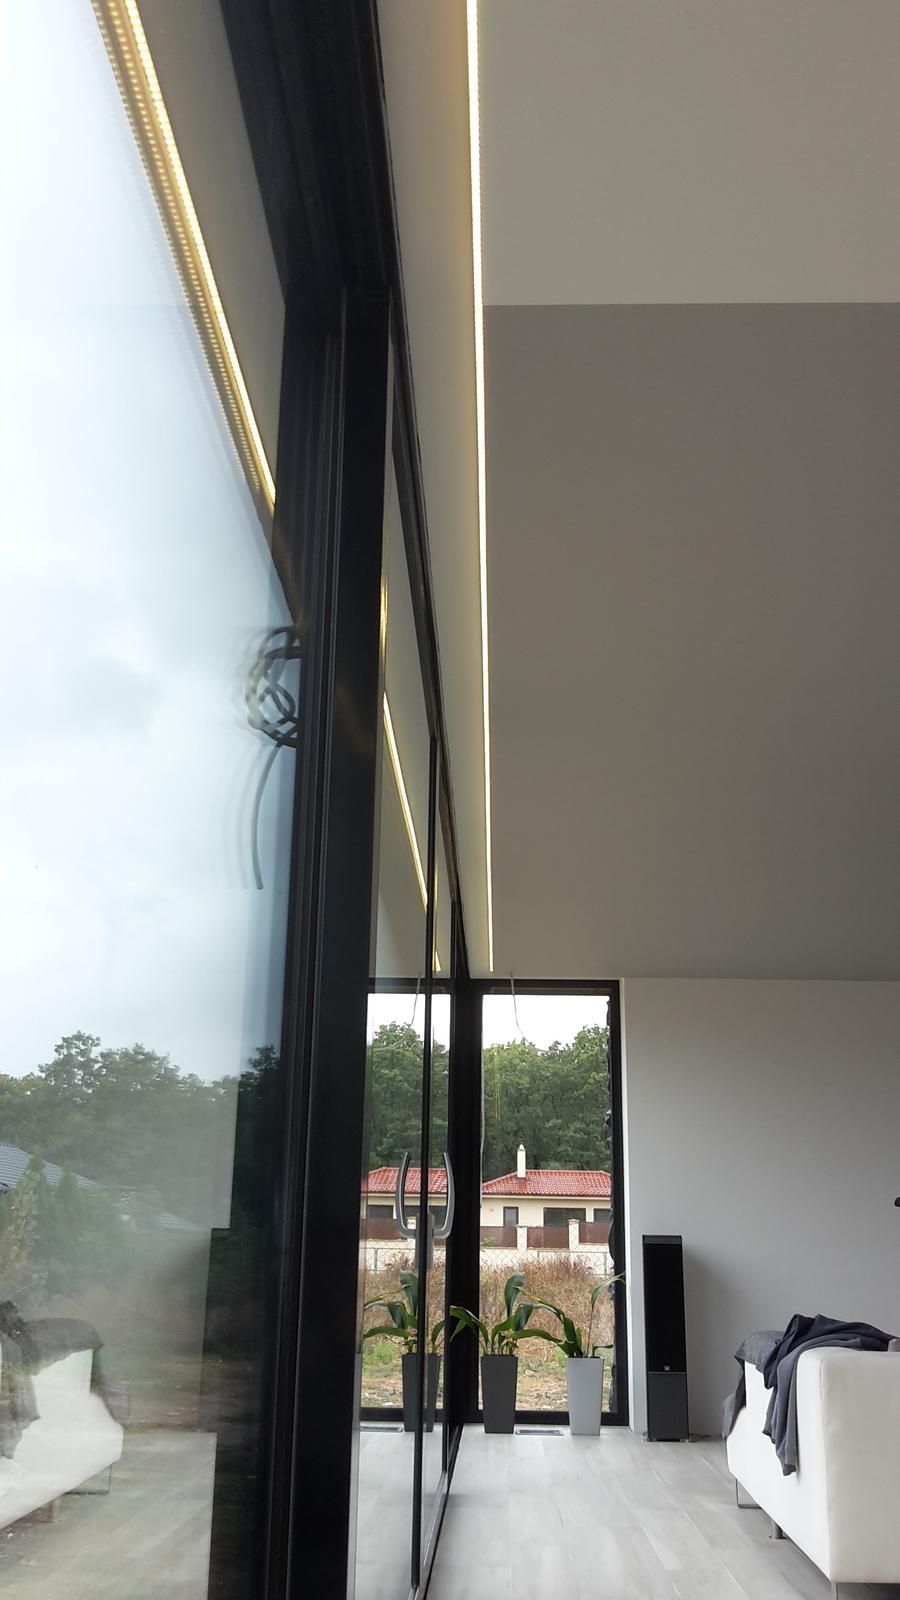 Led osvetlenie exteriér-interiér - Obrázok č. 20